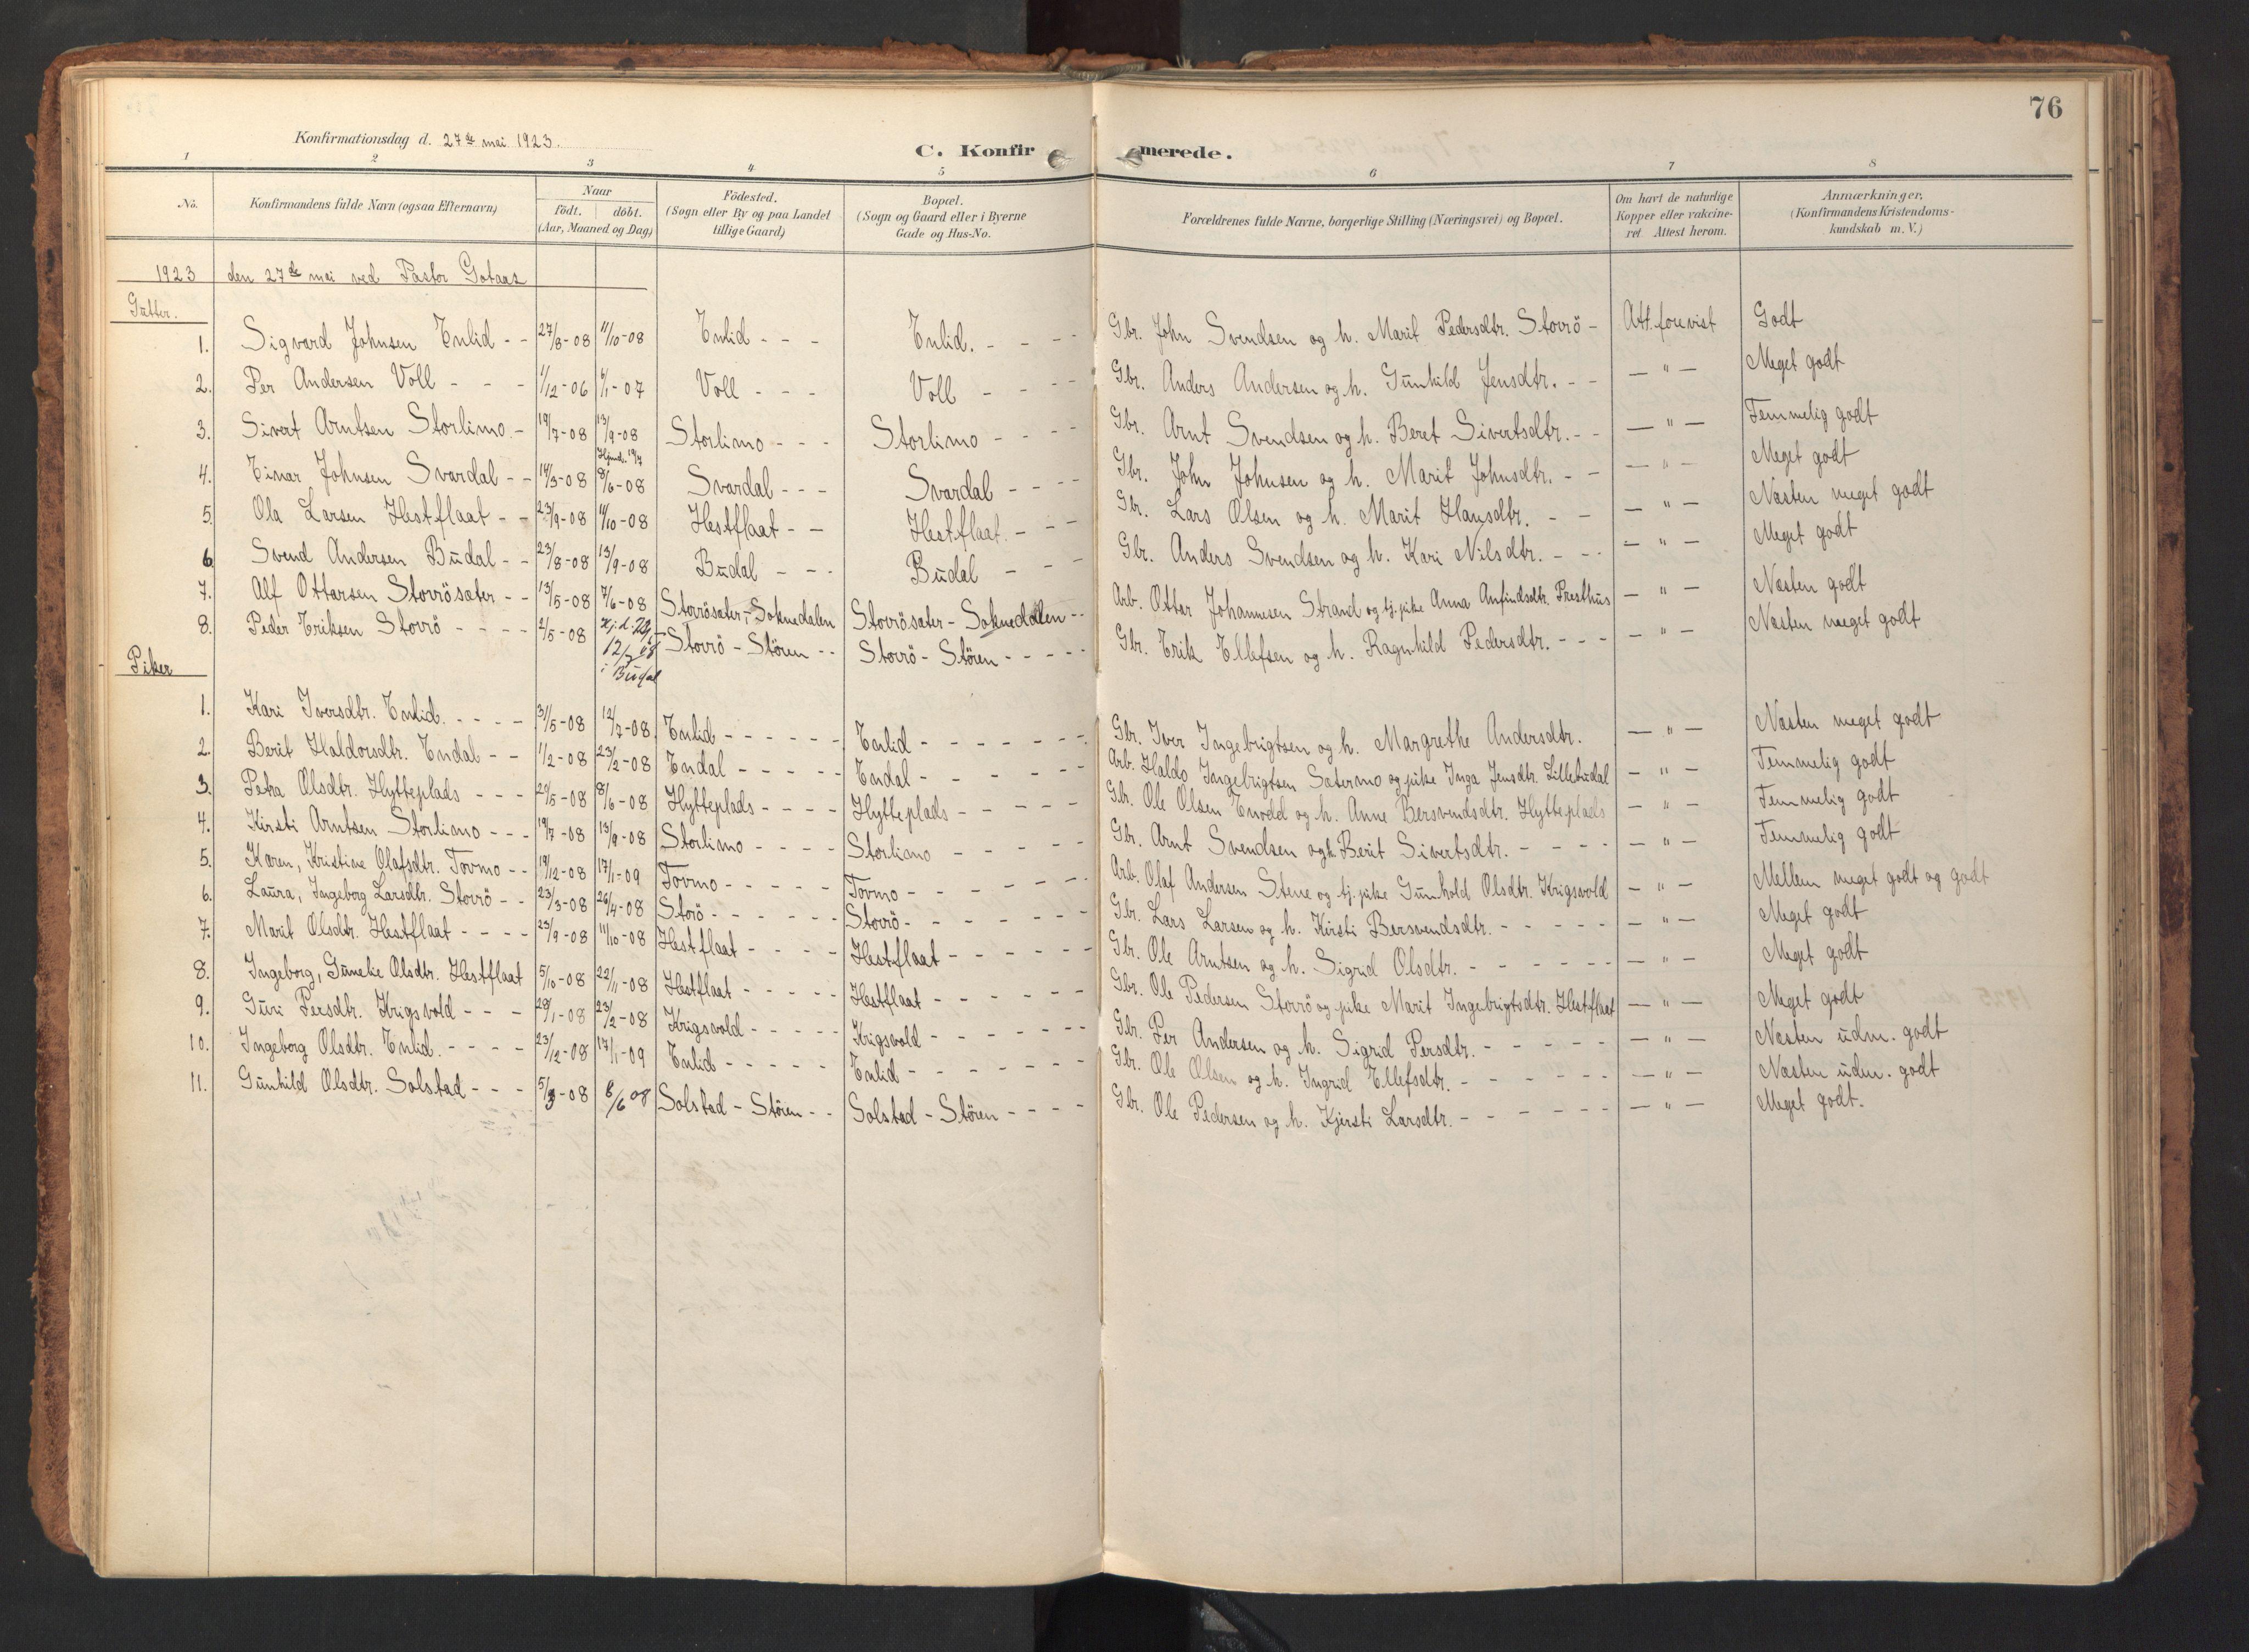 SAT, Ministerialprotokoller, klokkerbøker og fødselsregistre - Sør-Trøndelag, 690/L1050: Ministerialbok nr. 690A01, 1889-1929, s. 76